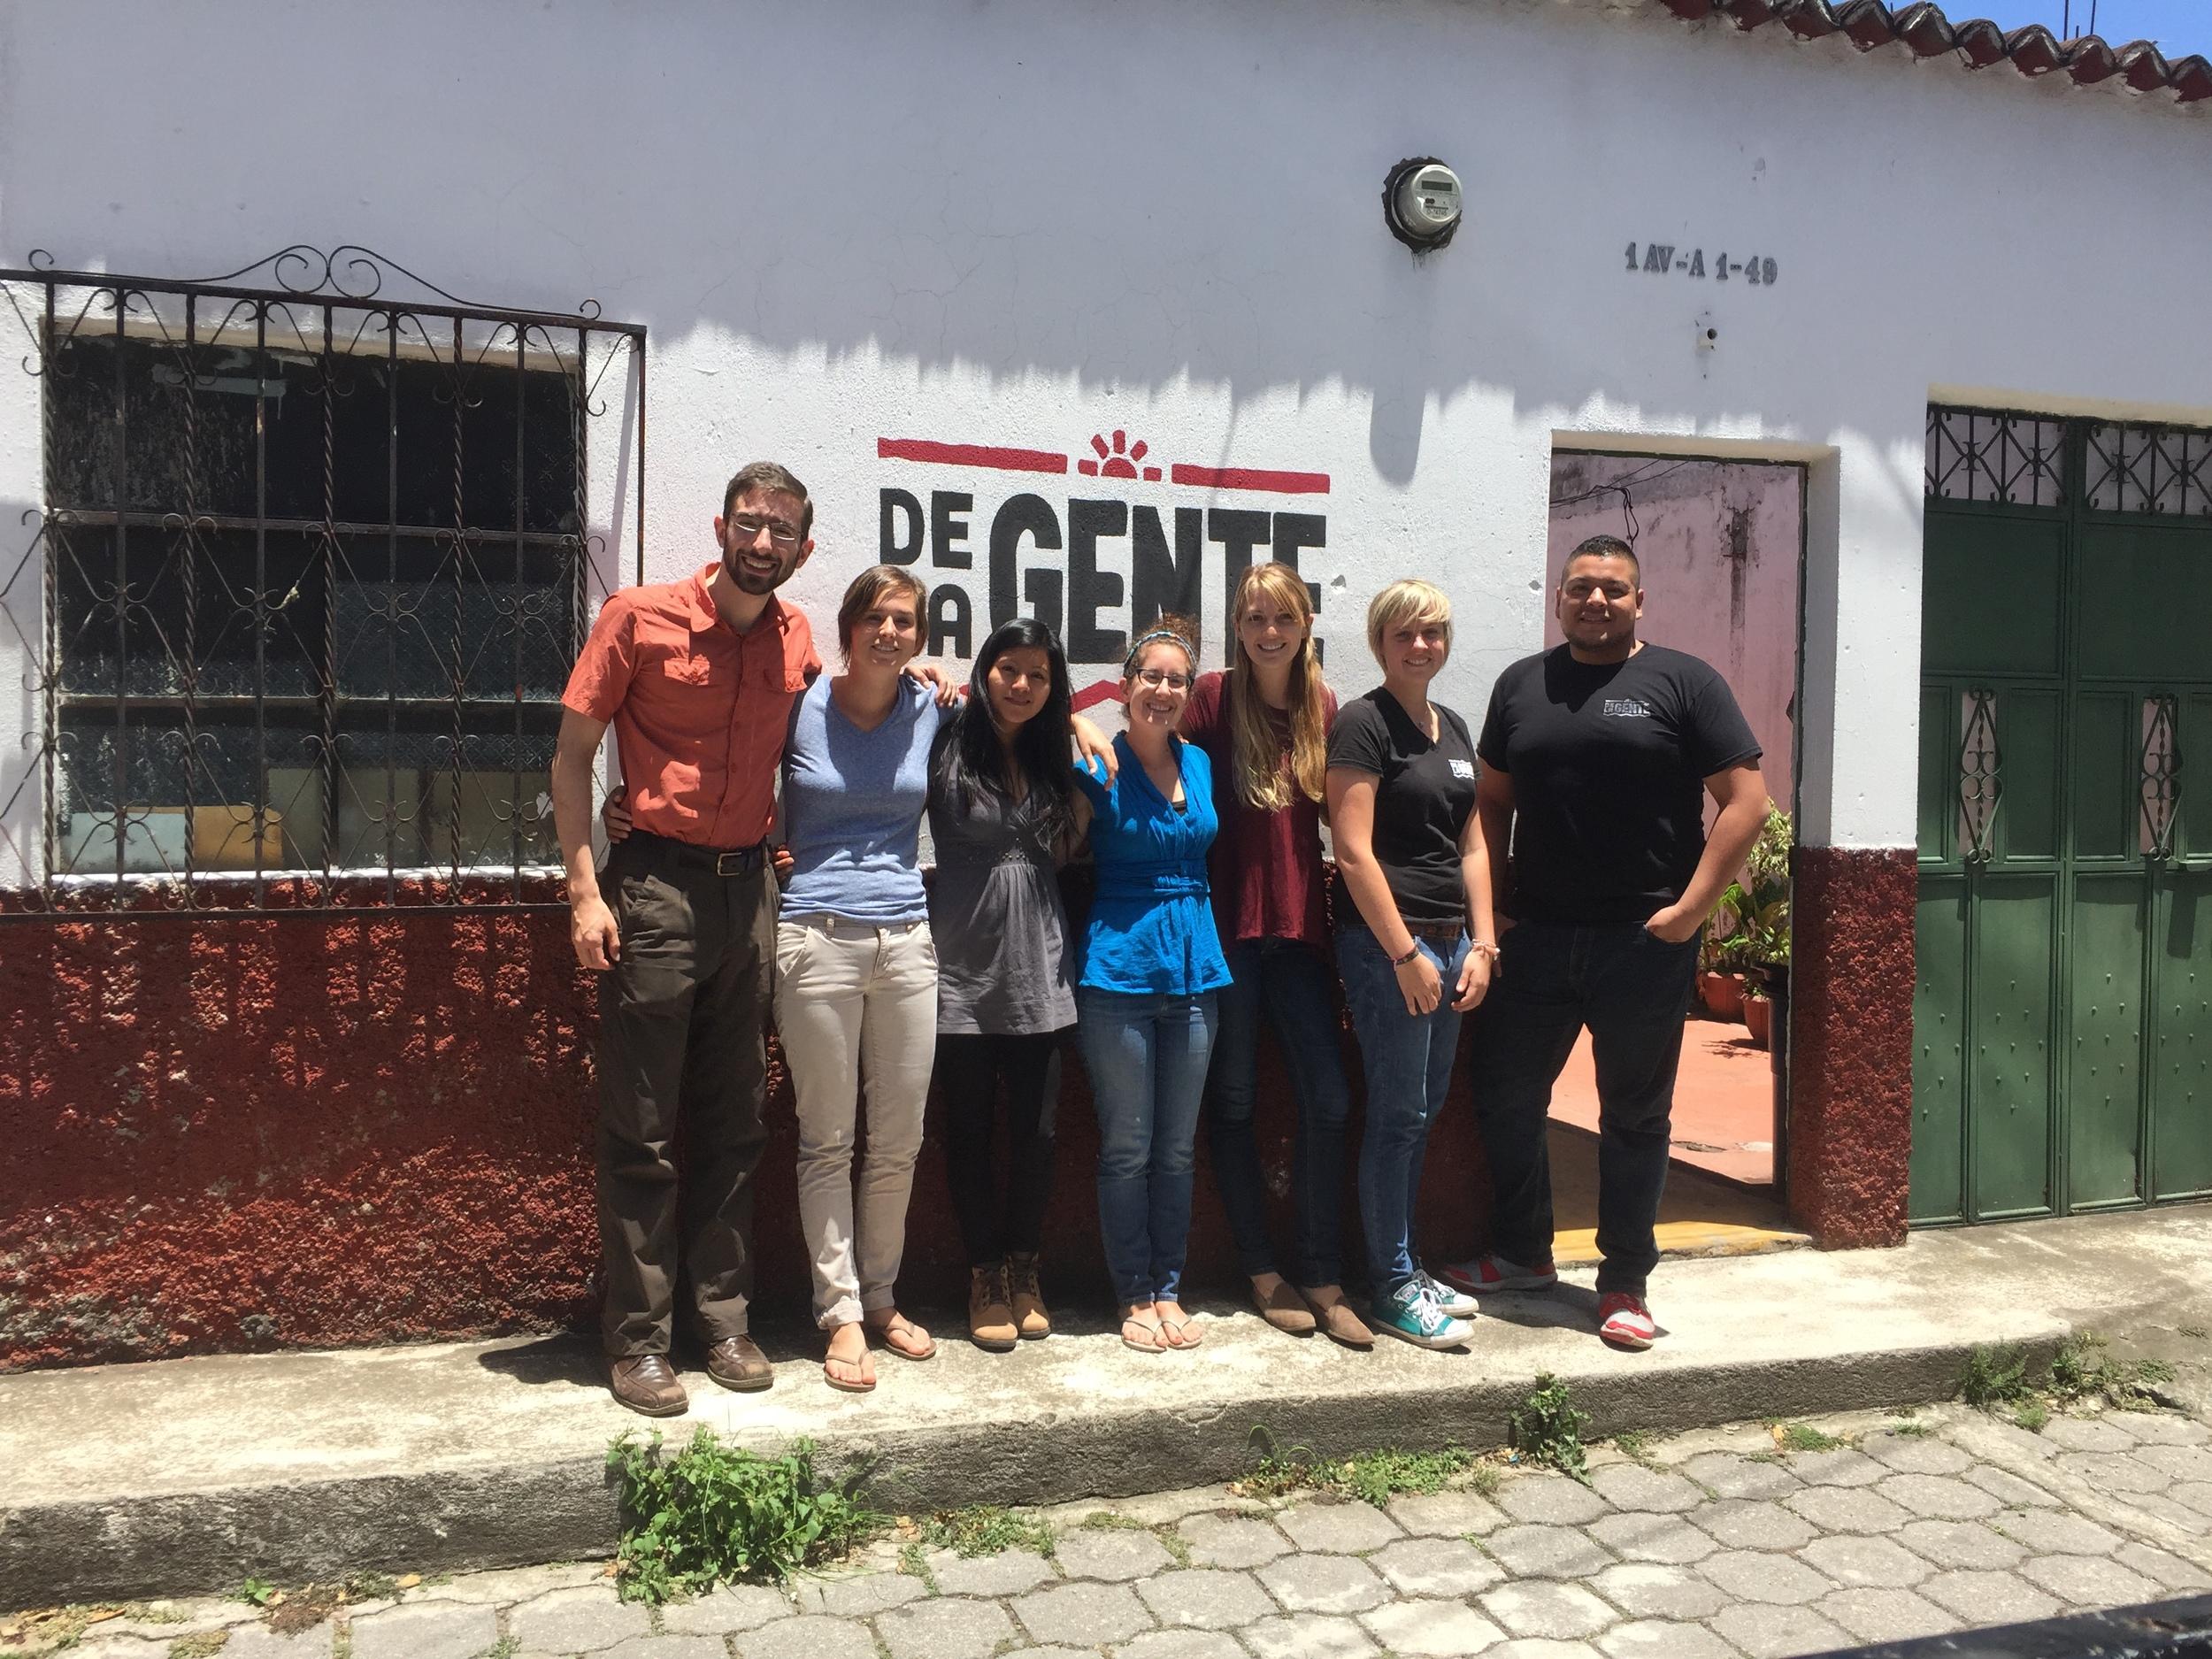 Lola with the team at De la Gente